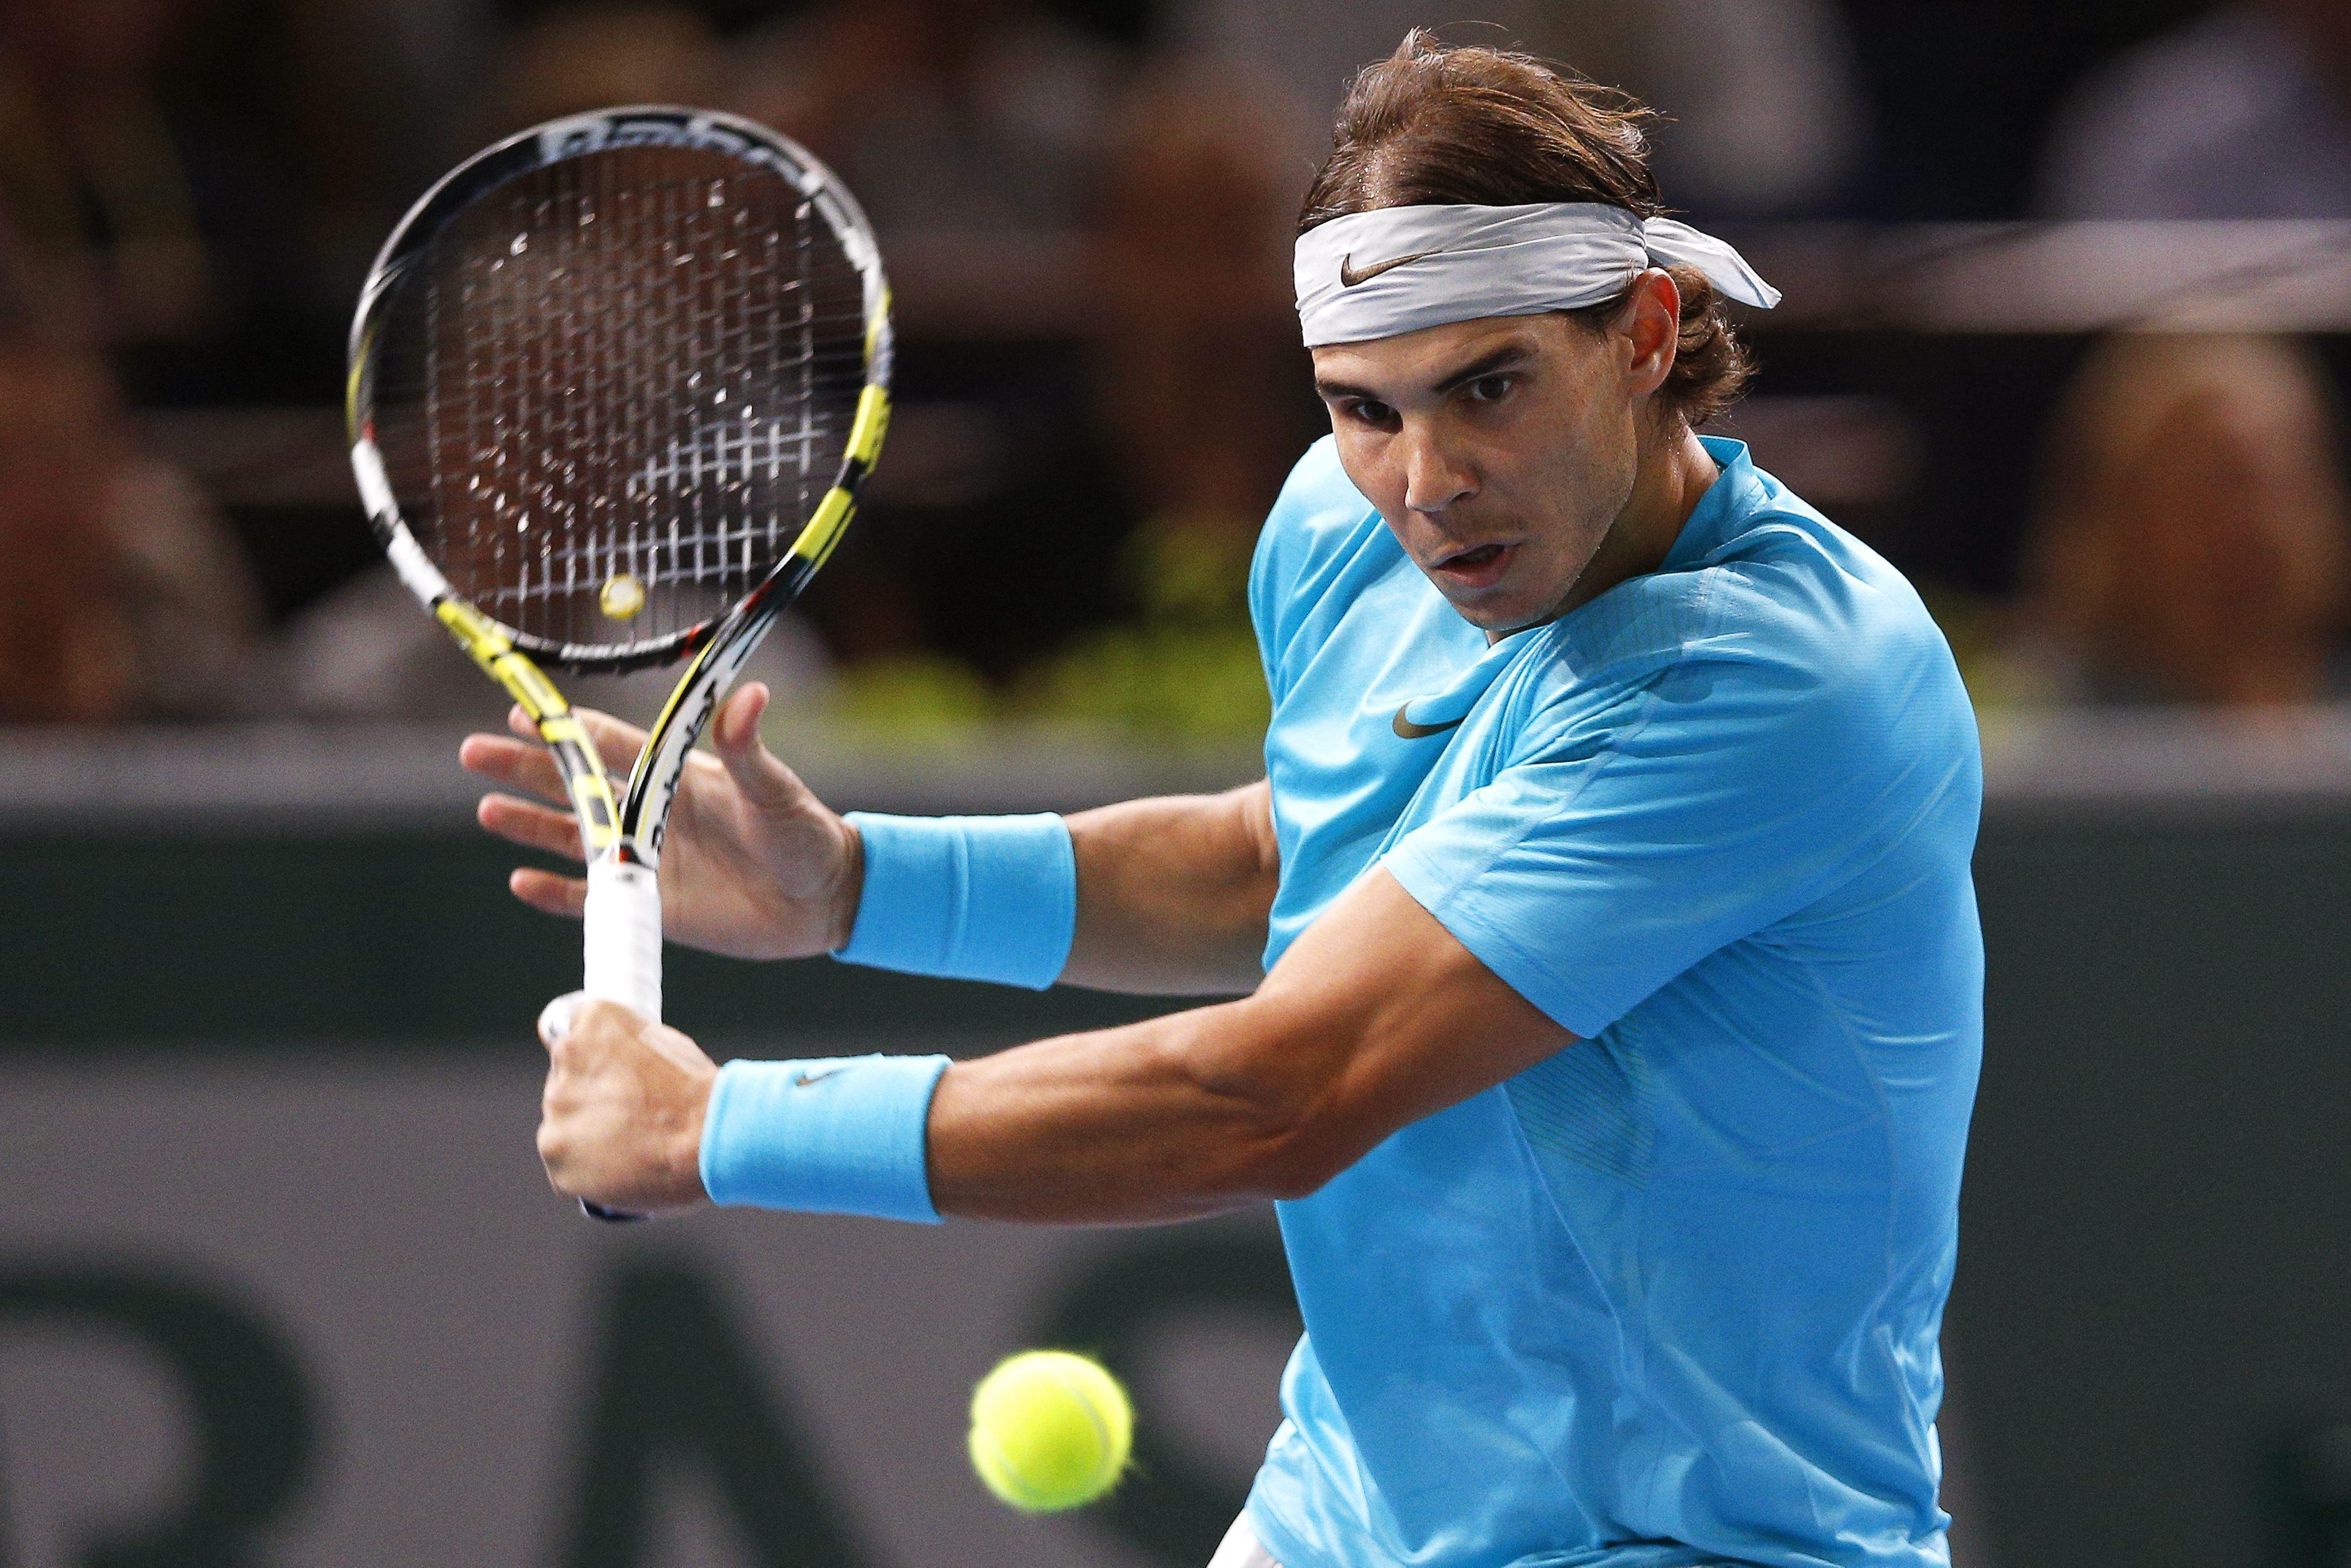 Comienza en Abu Dabi la temporada de tenis con una lucha por el número uno